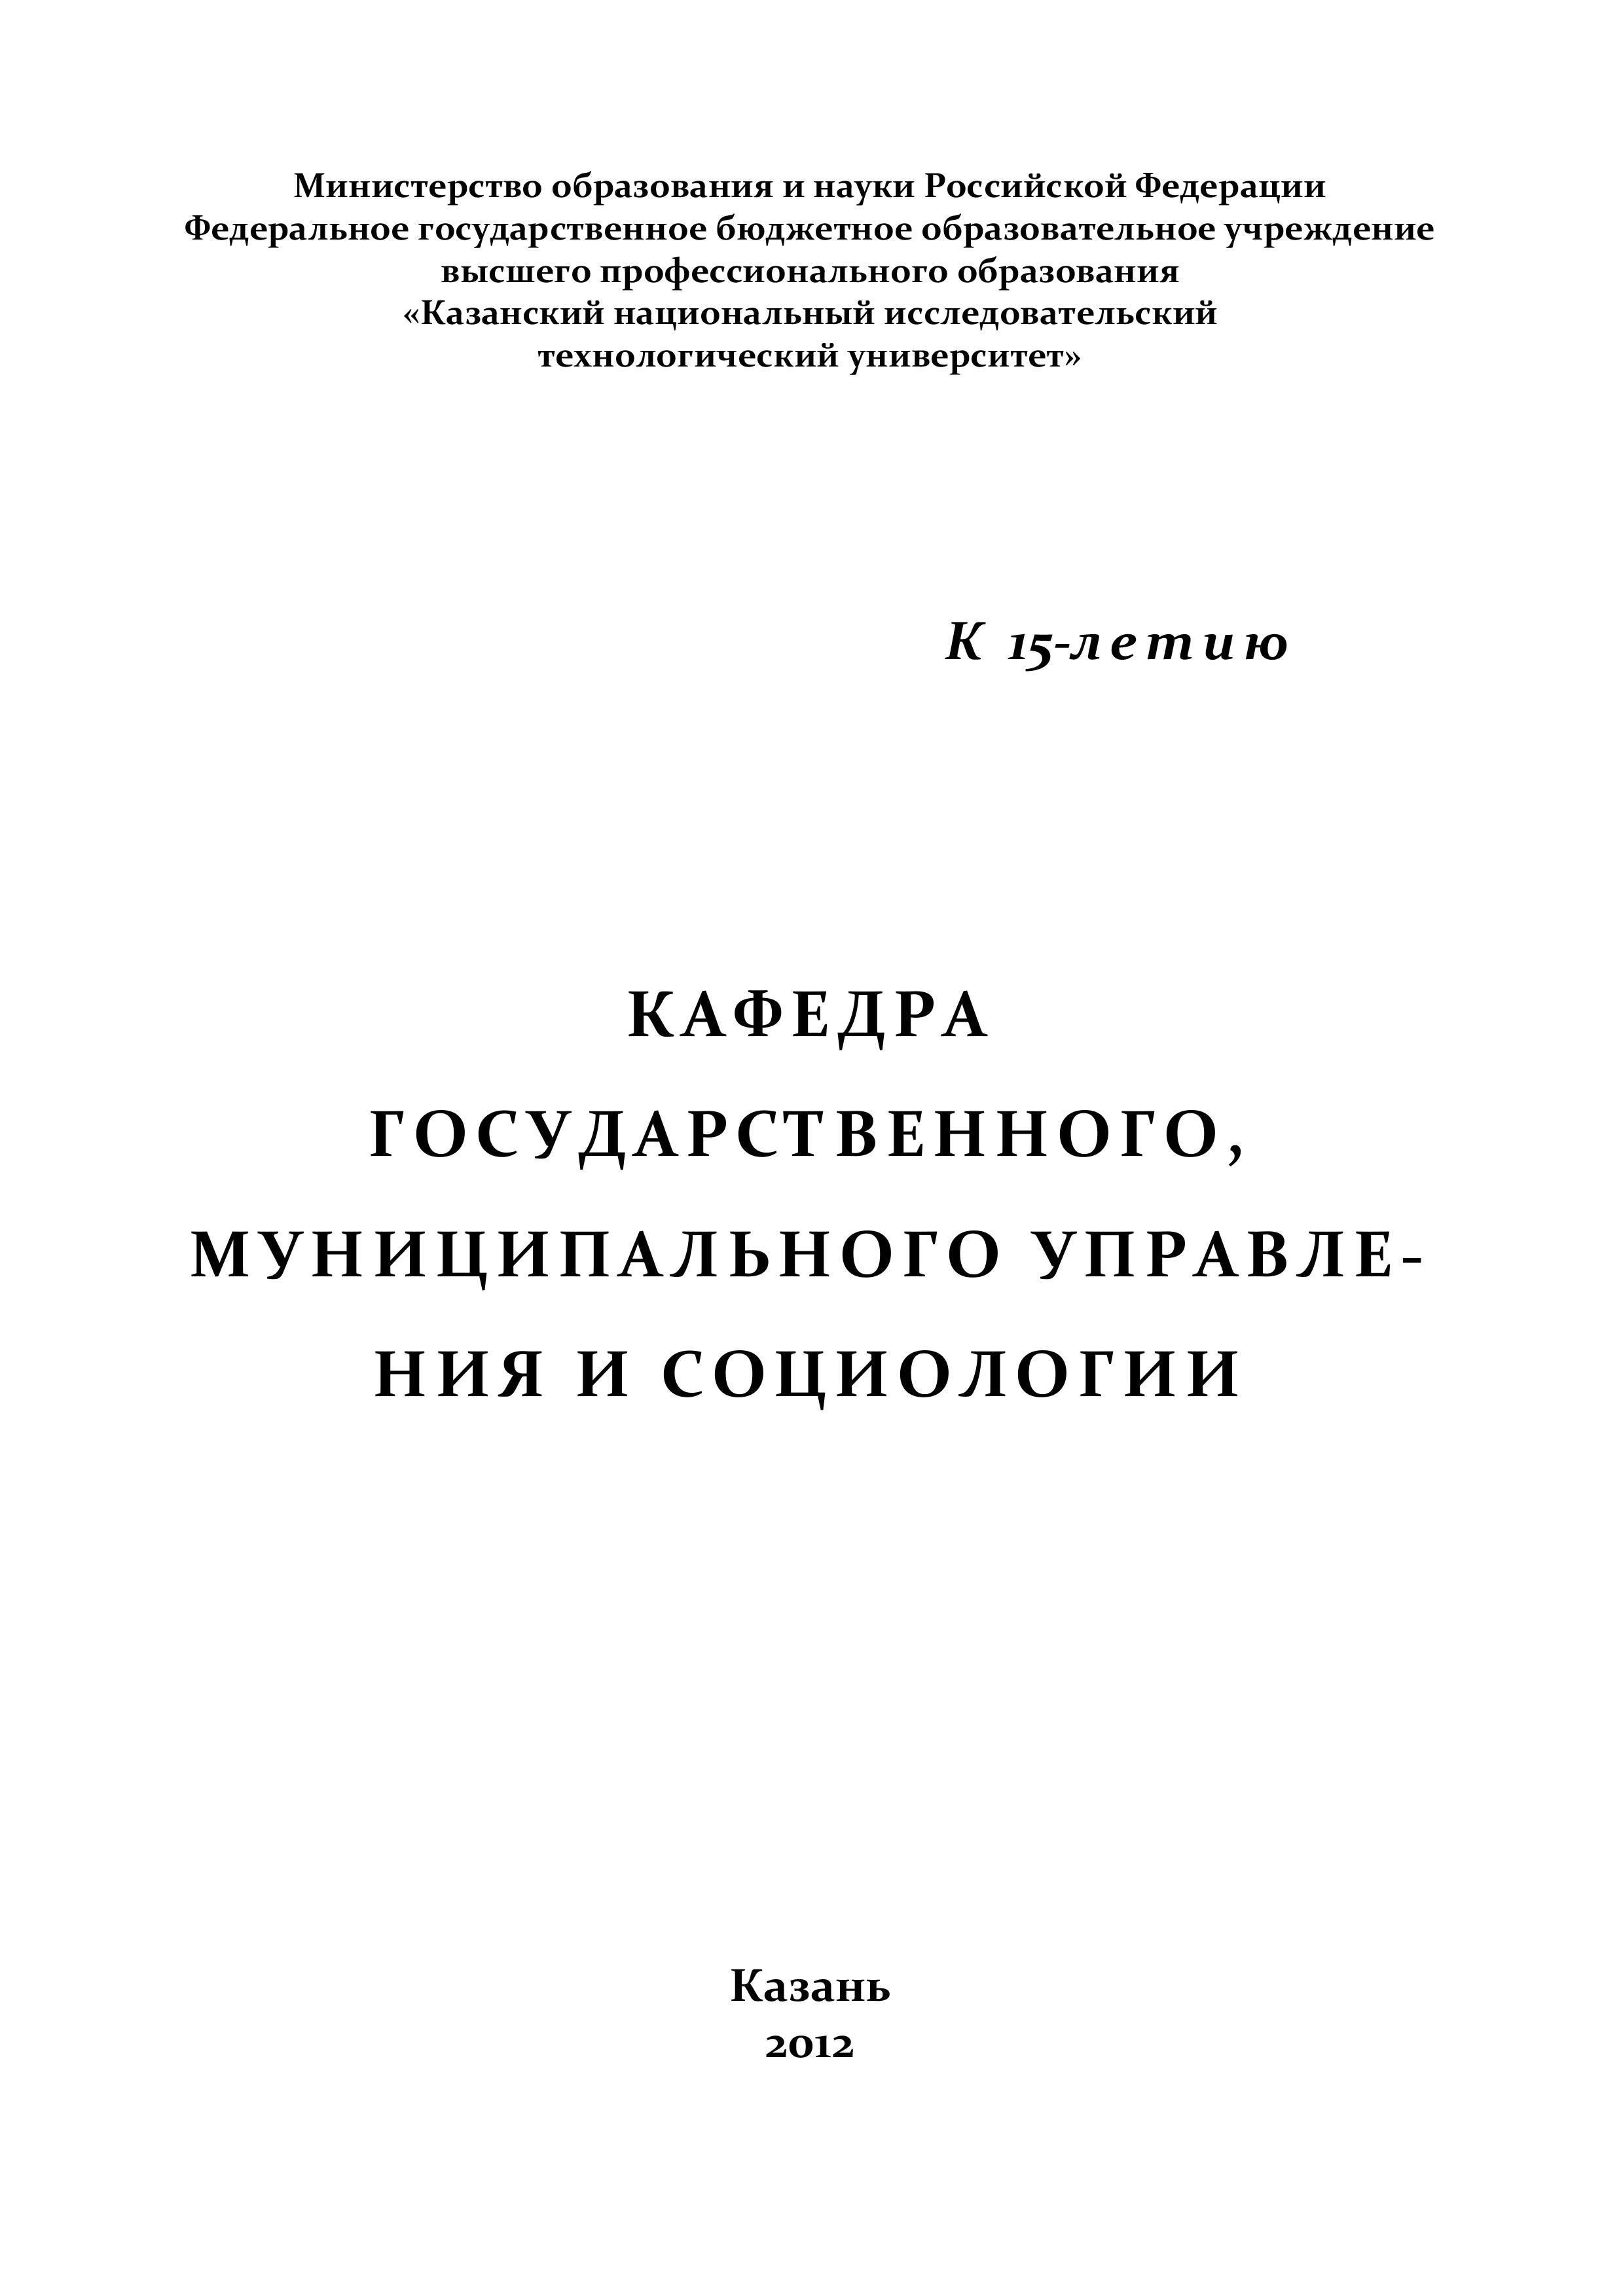 Р. Гасимоа государстенного, муниципального упраления и социологии